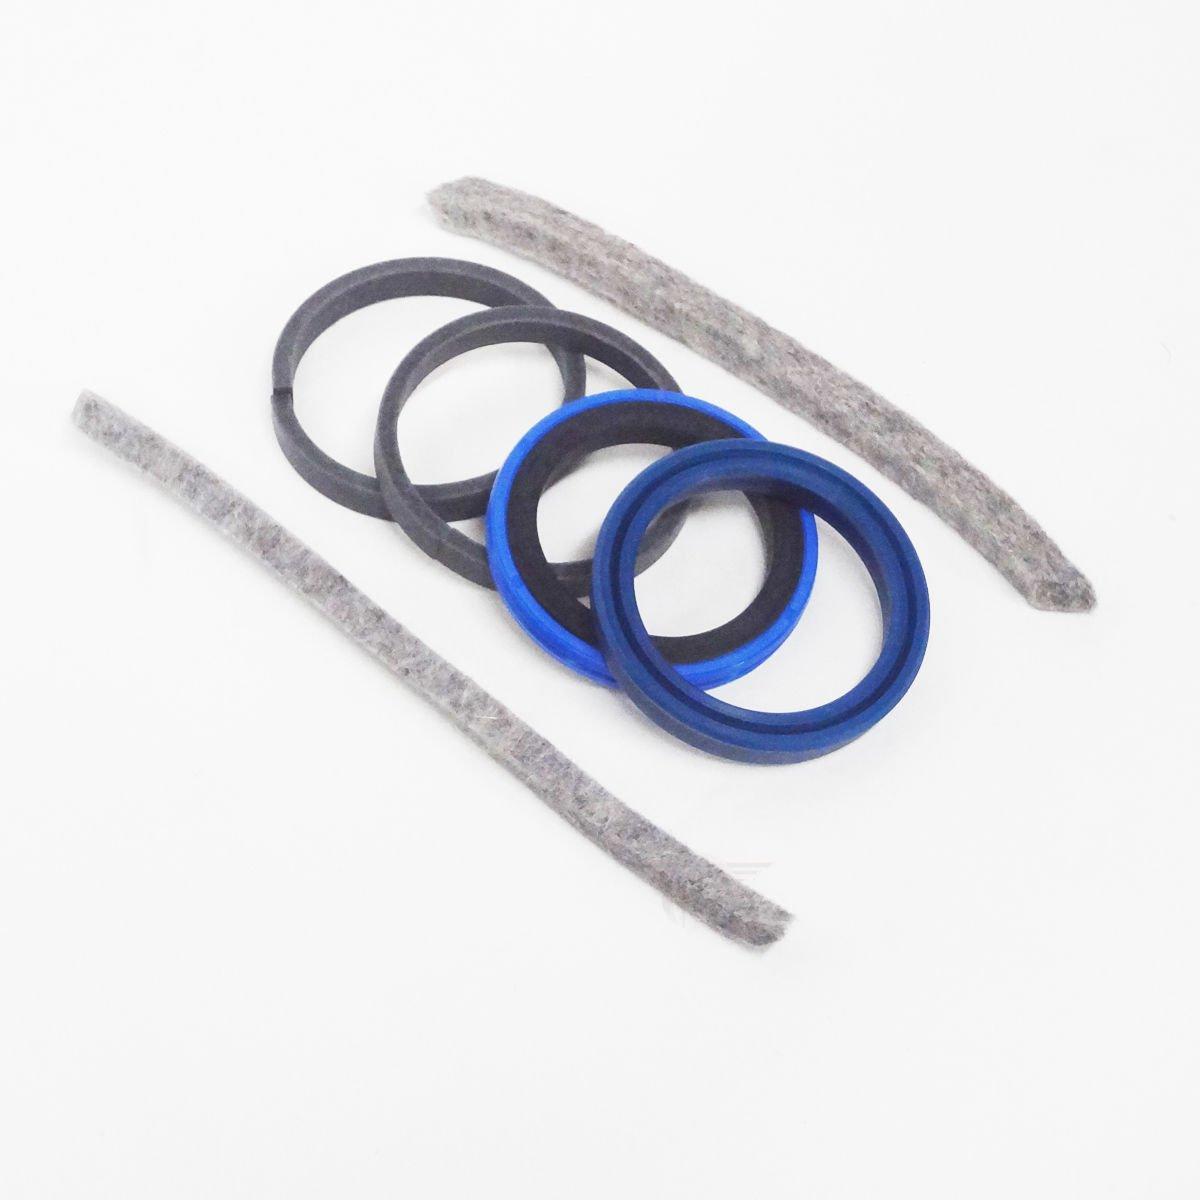 SPEEDO INSTRUMENT CLUSTER 8V4T-10849-HL FOR FORD KUGA 2012-17 MK2